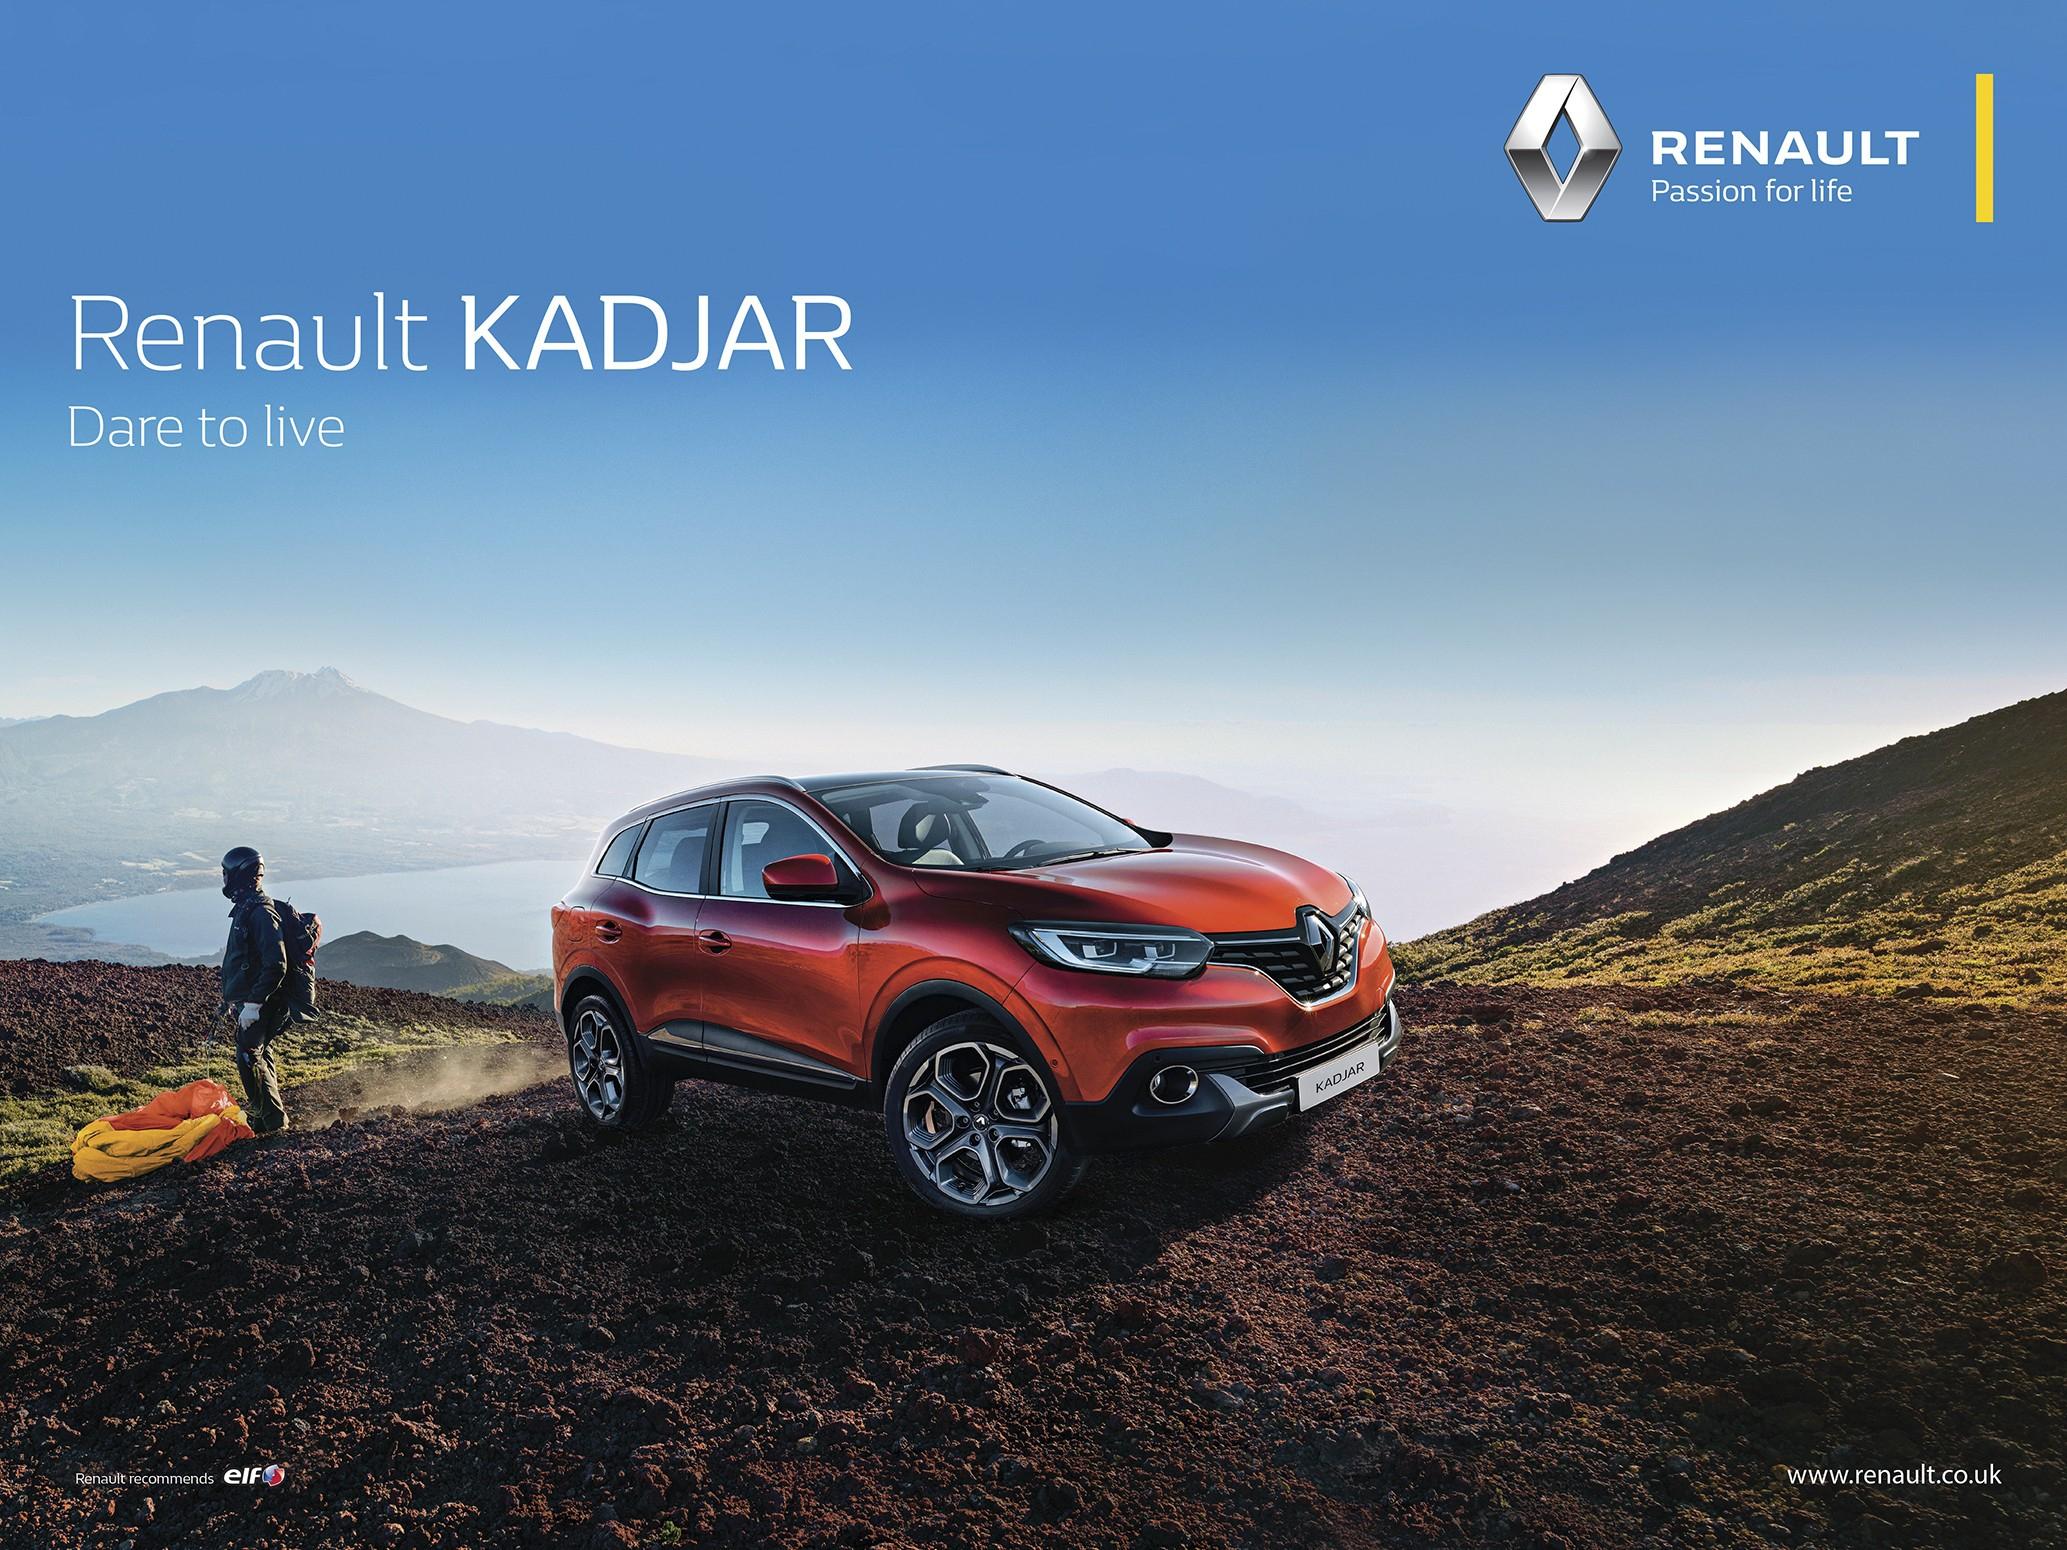 Renault_68144_global_en.jpg